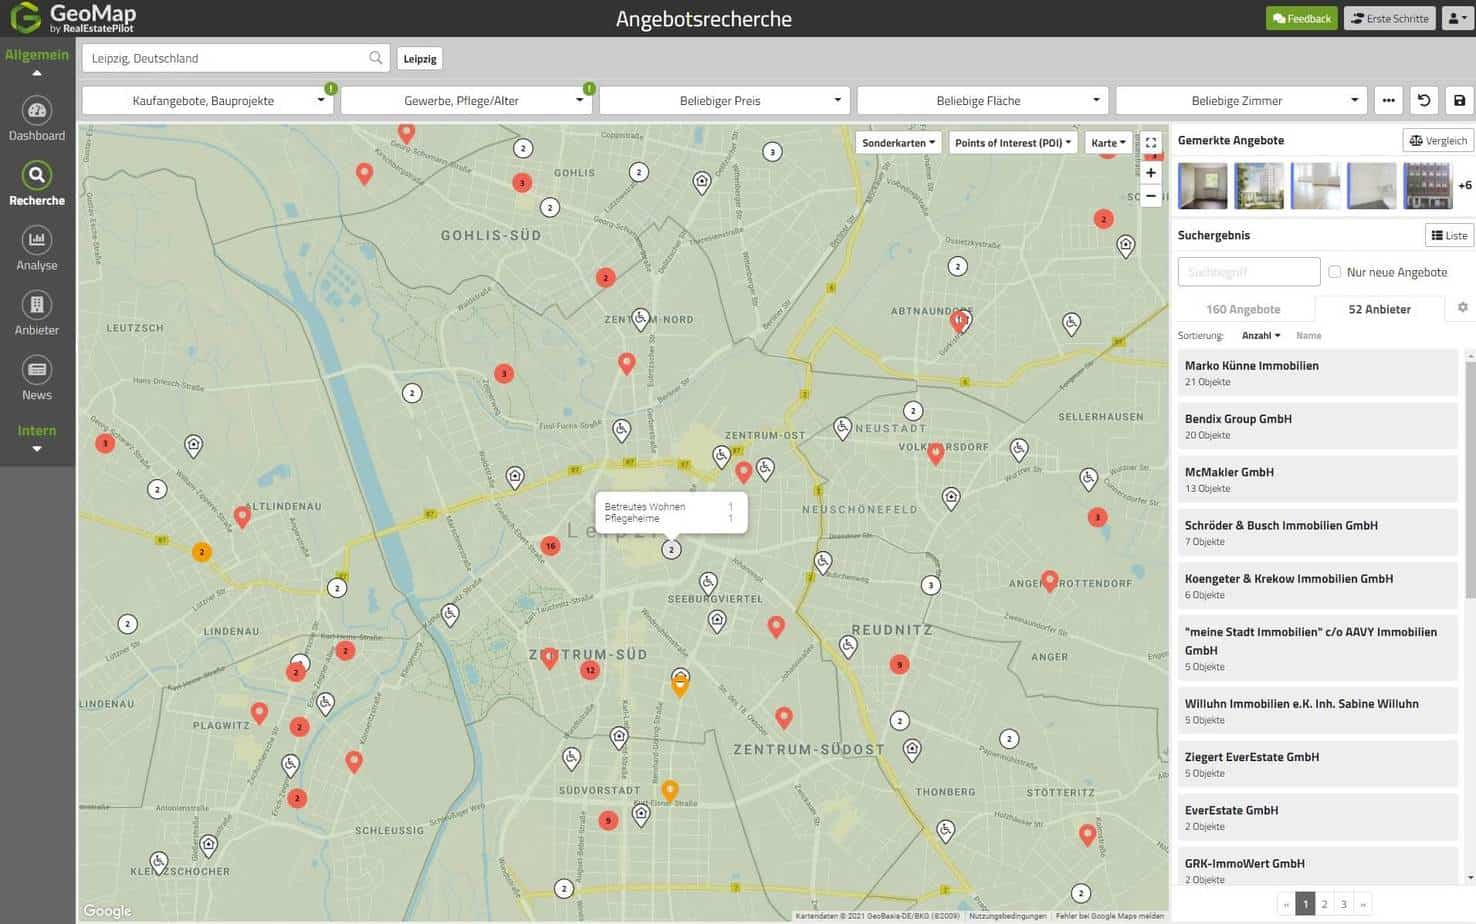 GeoMap-Gewerbeangebote